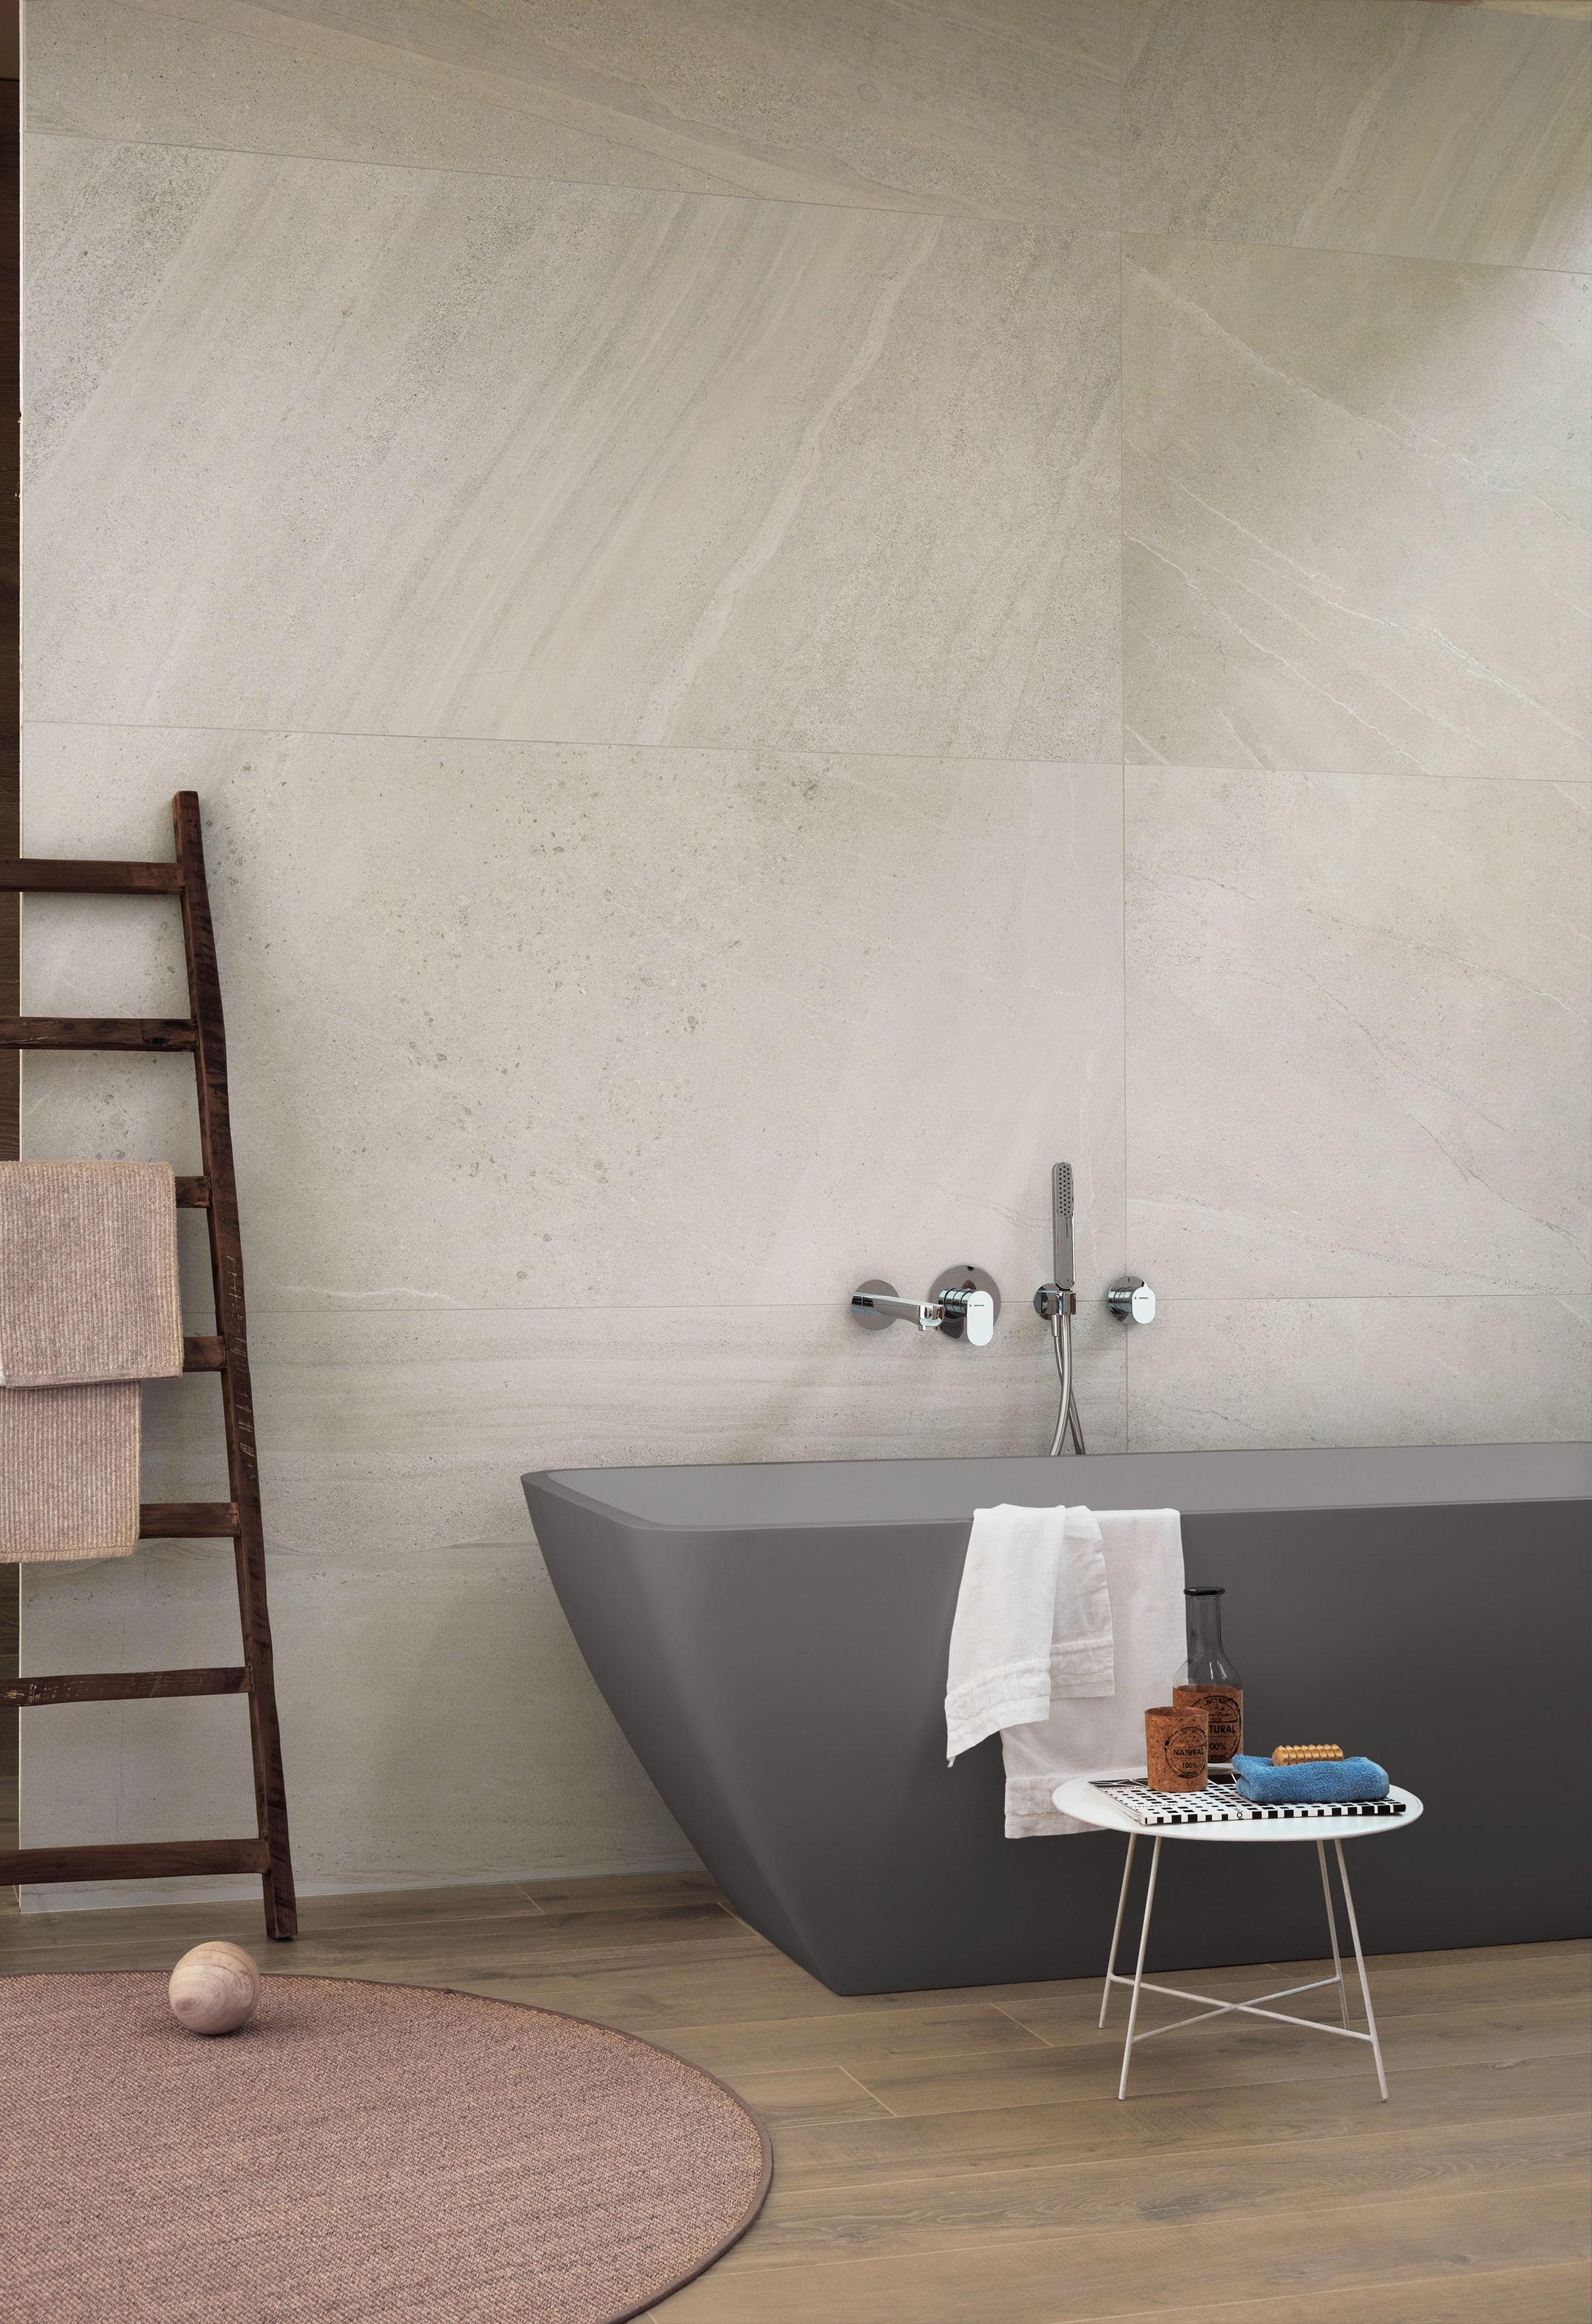 Sol Salle De Bain Imitation Parquet salle de bain n°2 sol carrelage imitation parquet aulne ma